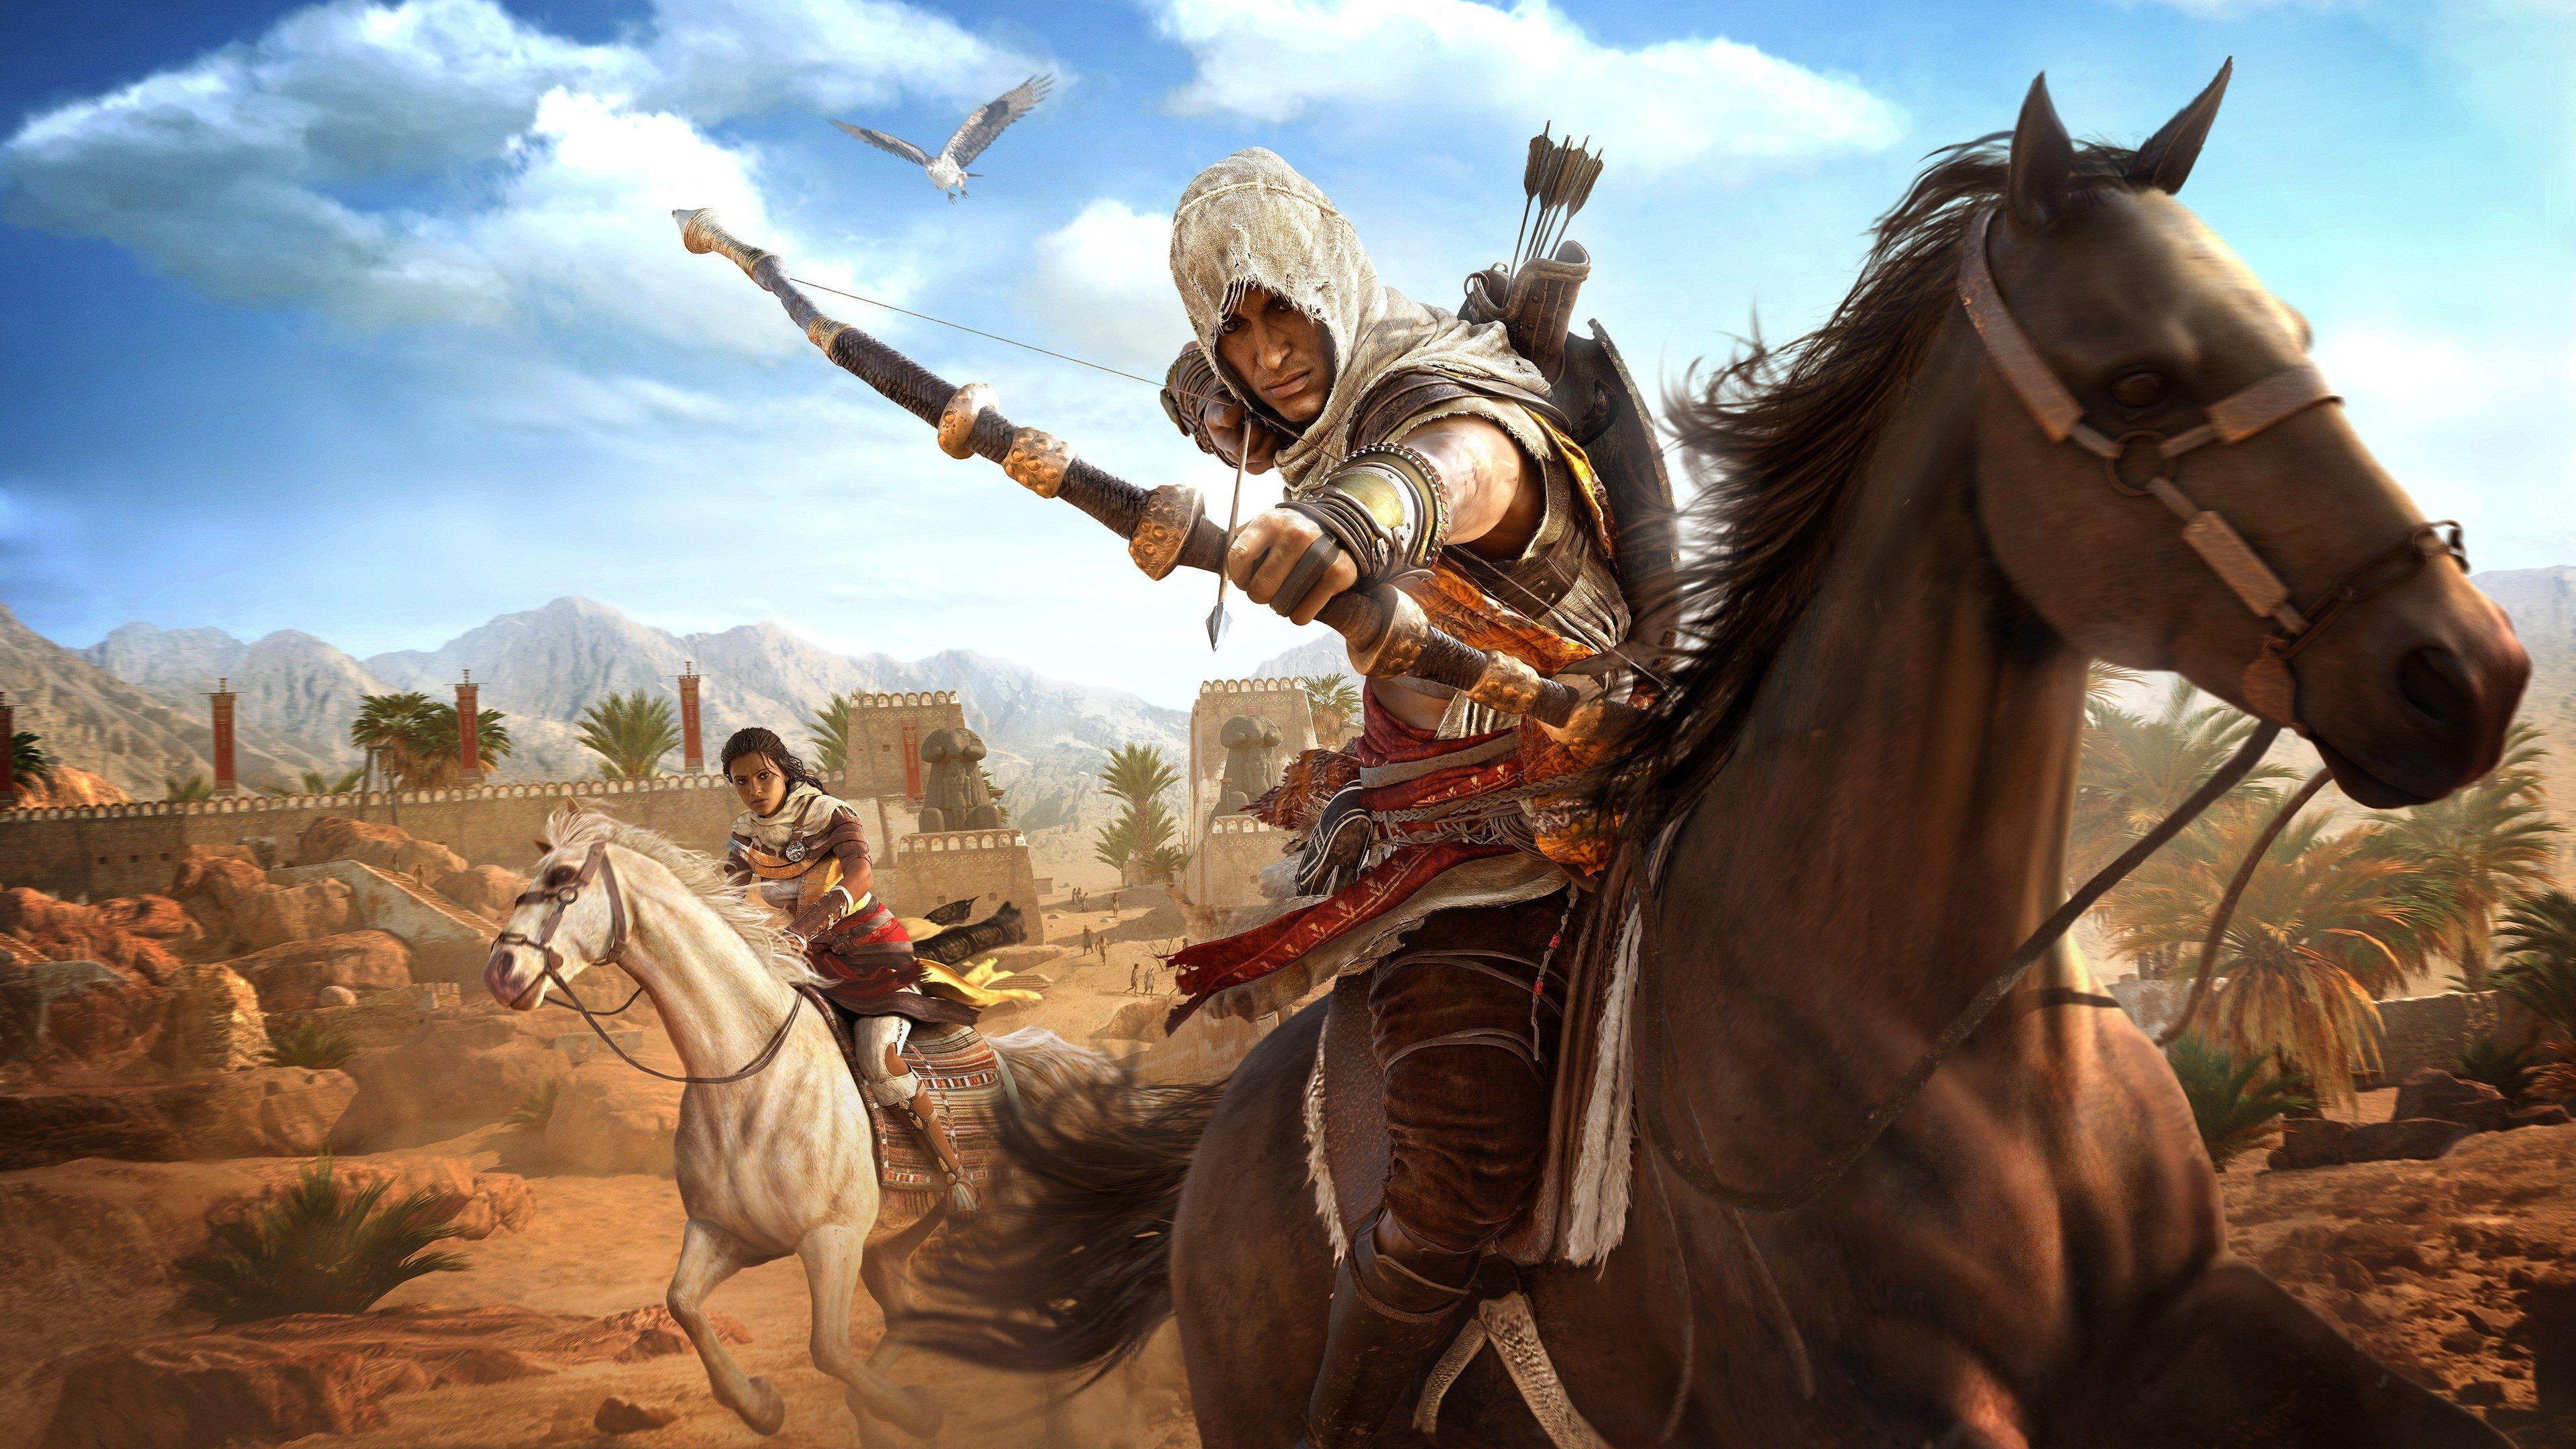 Popular Wallpaper Horse Assassin'S Creed - ec886441017d885e60635fc1c18697d0  Picture_959661.jpg